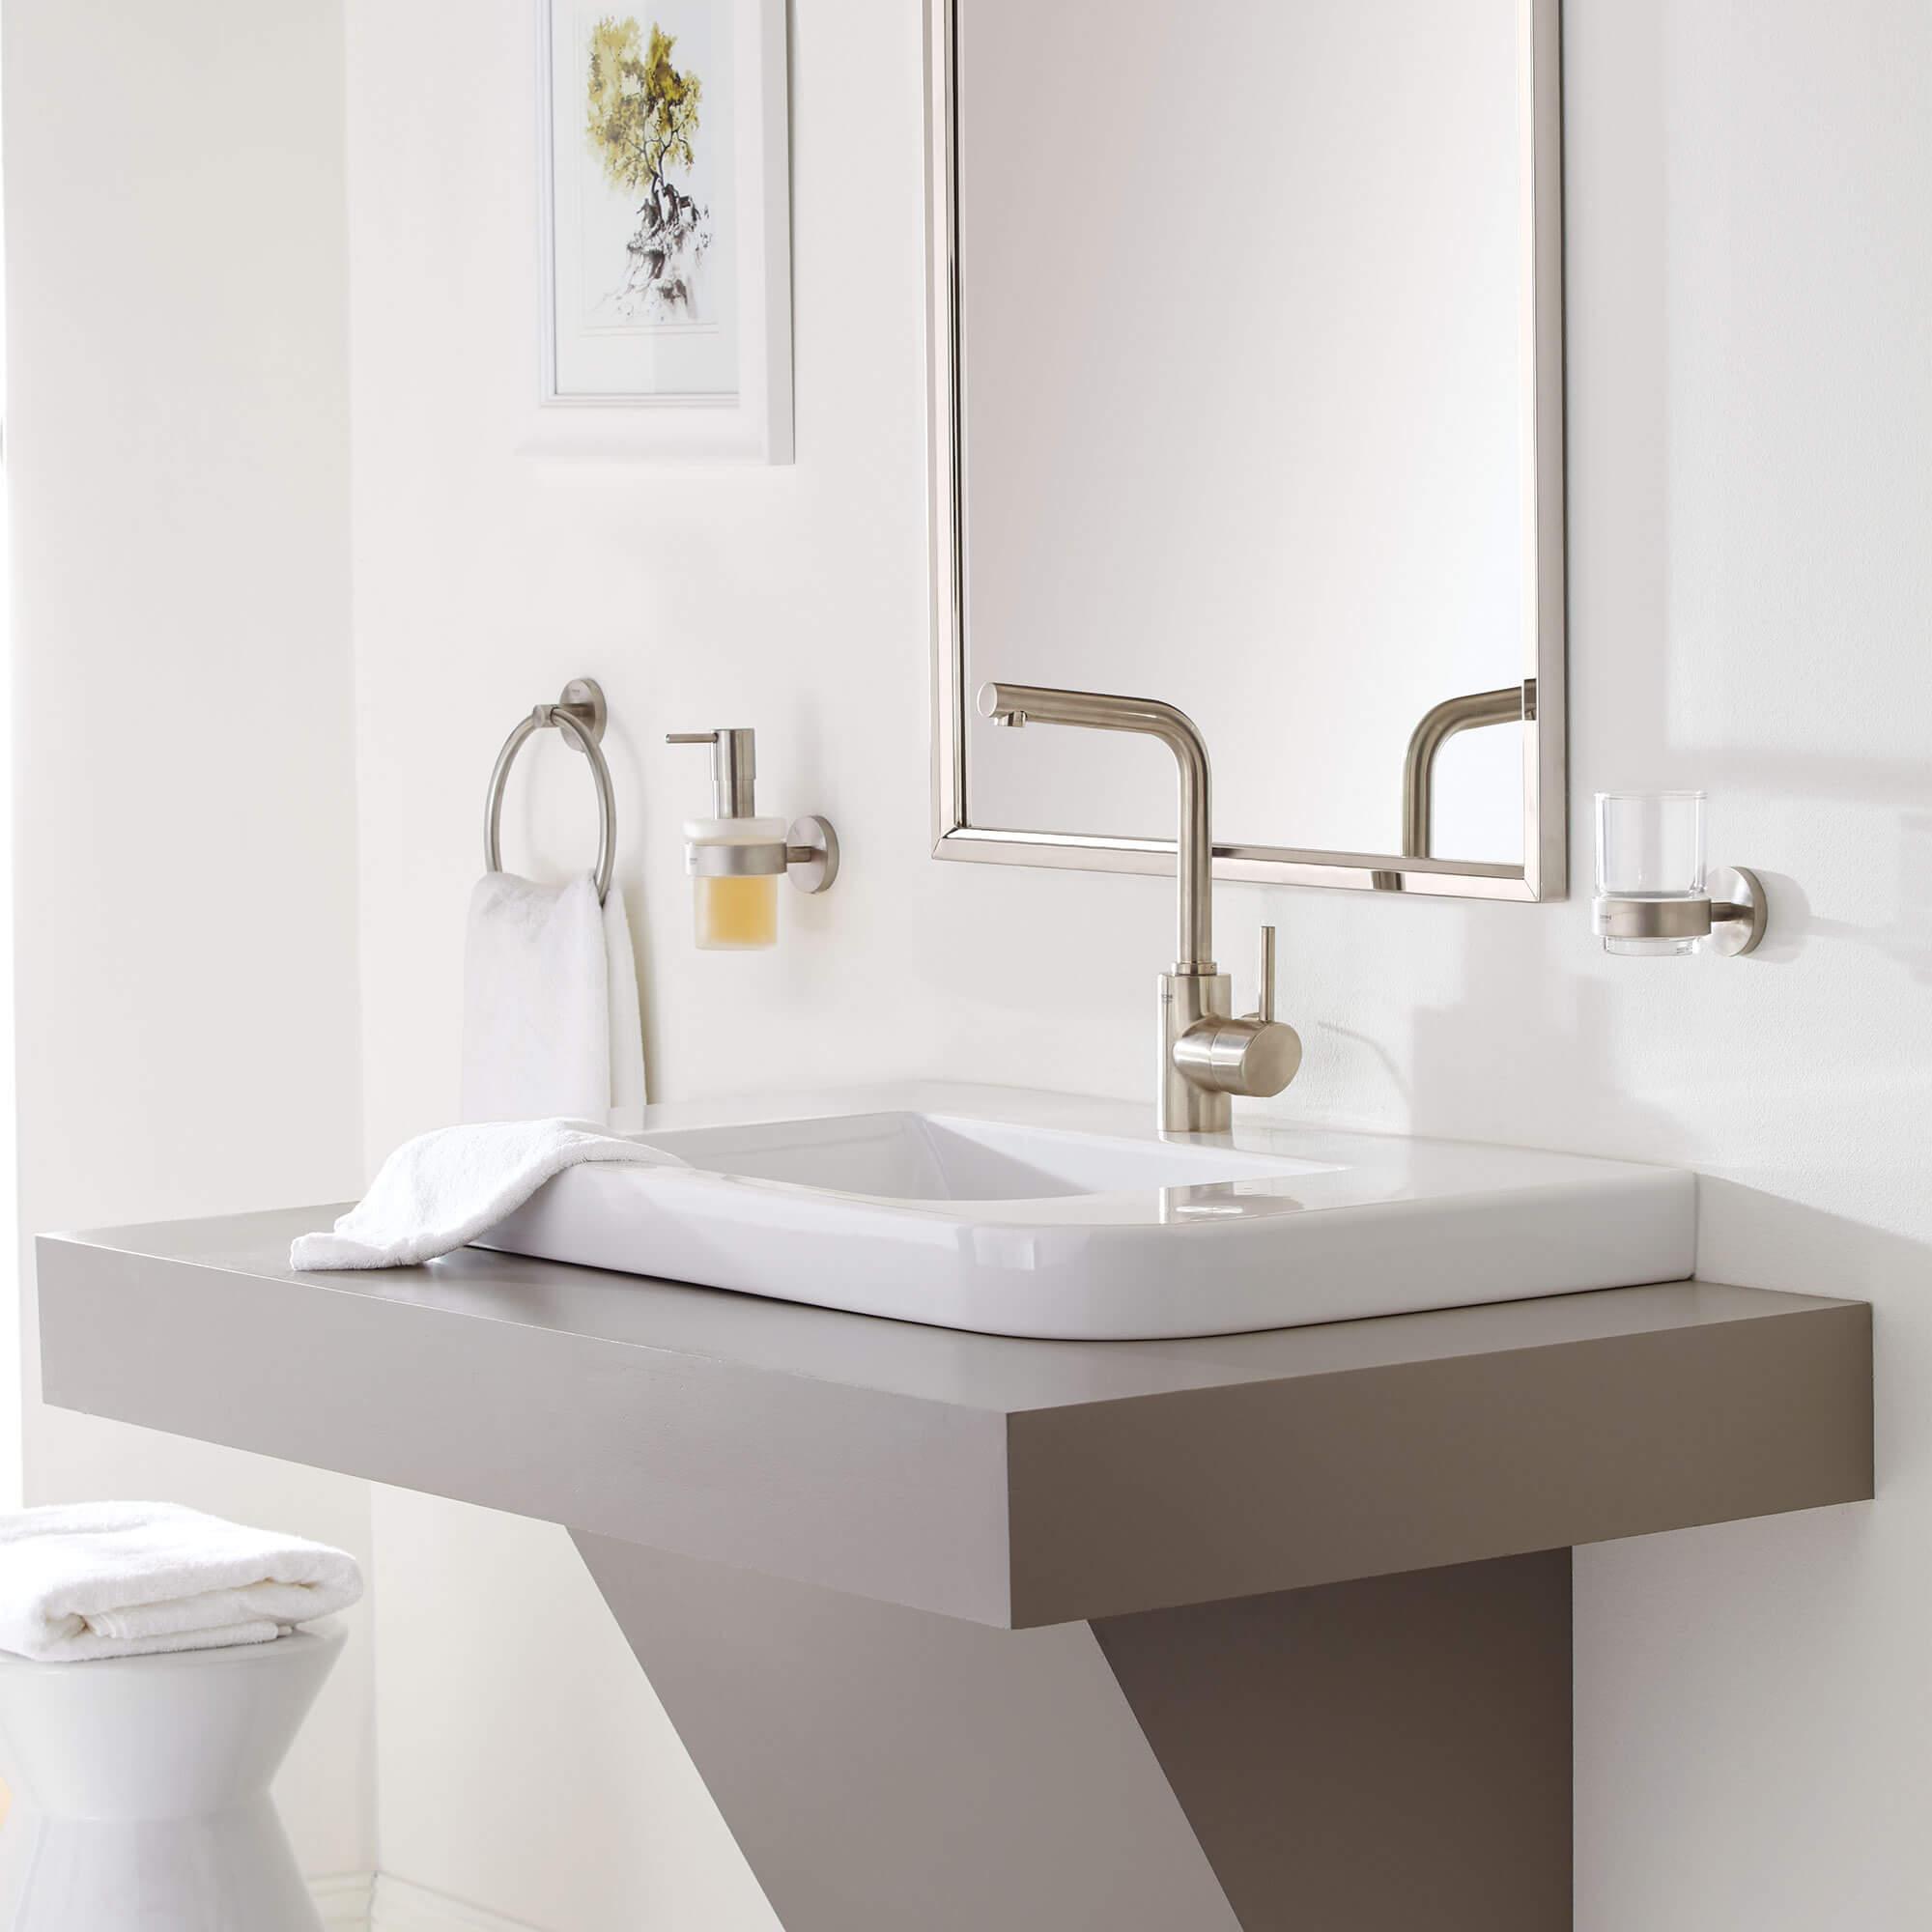 Robinet de salle de bain Concetto avec miroir et lavabo au-dessus du comptoir